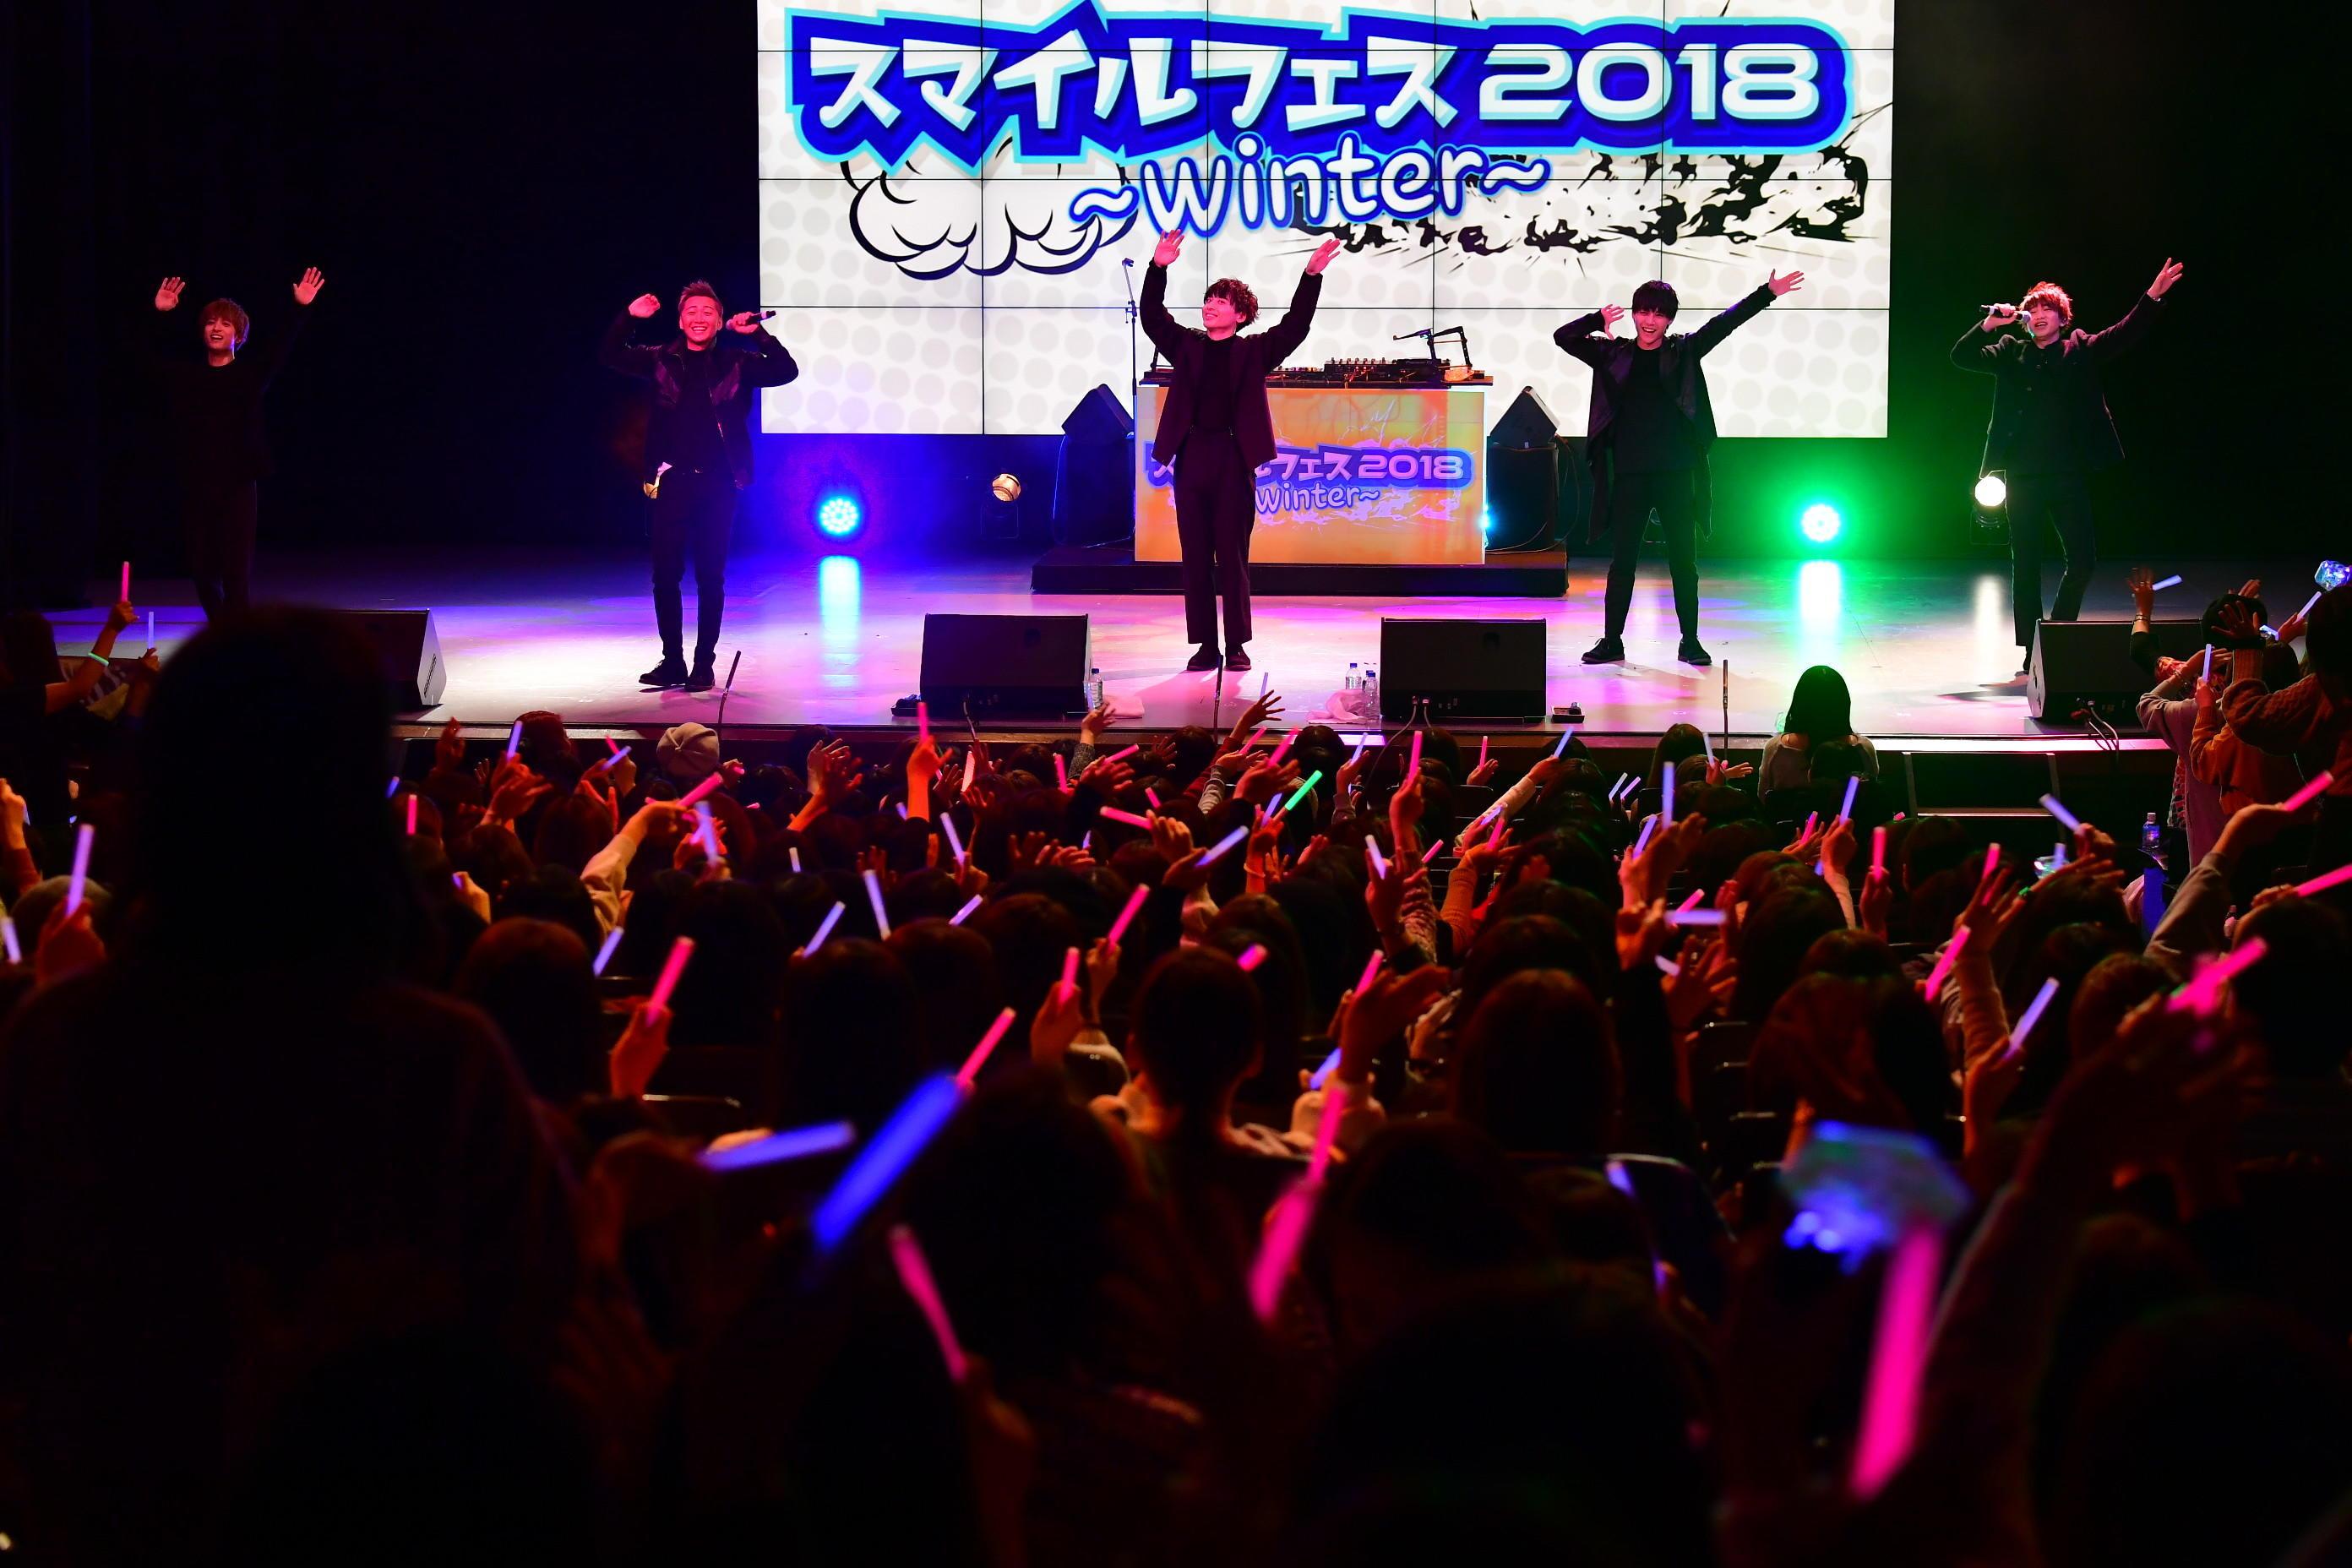 http://news.yoshimoto.co.jp/20180119005421-2d881bb1d131aade9c18222046cf168d09c7cd40.jpg